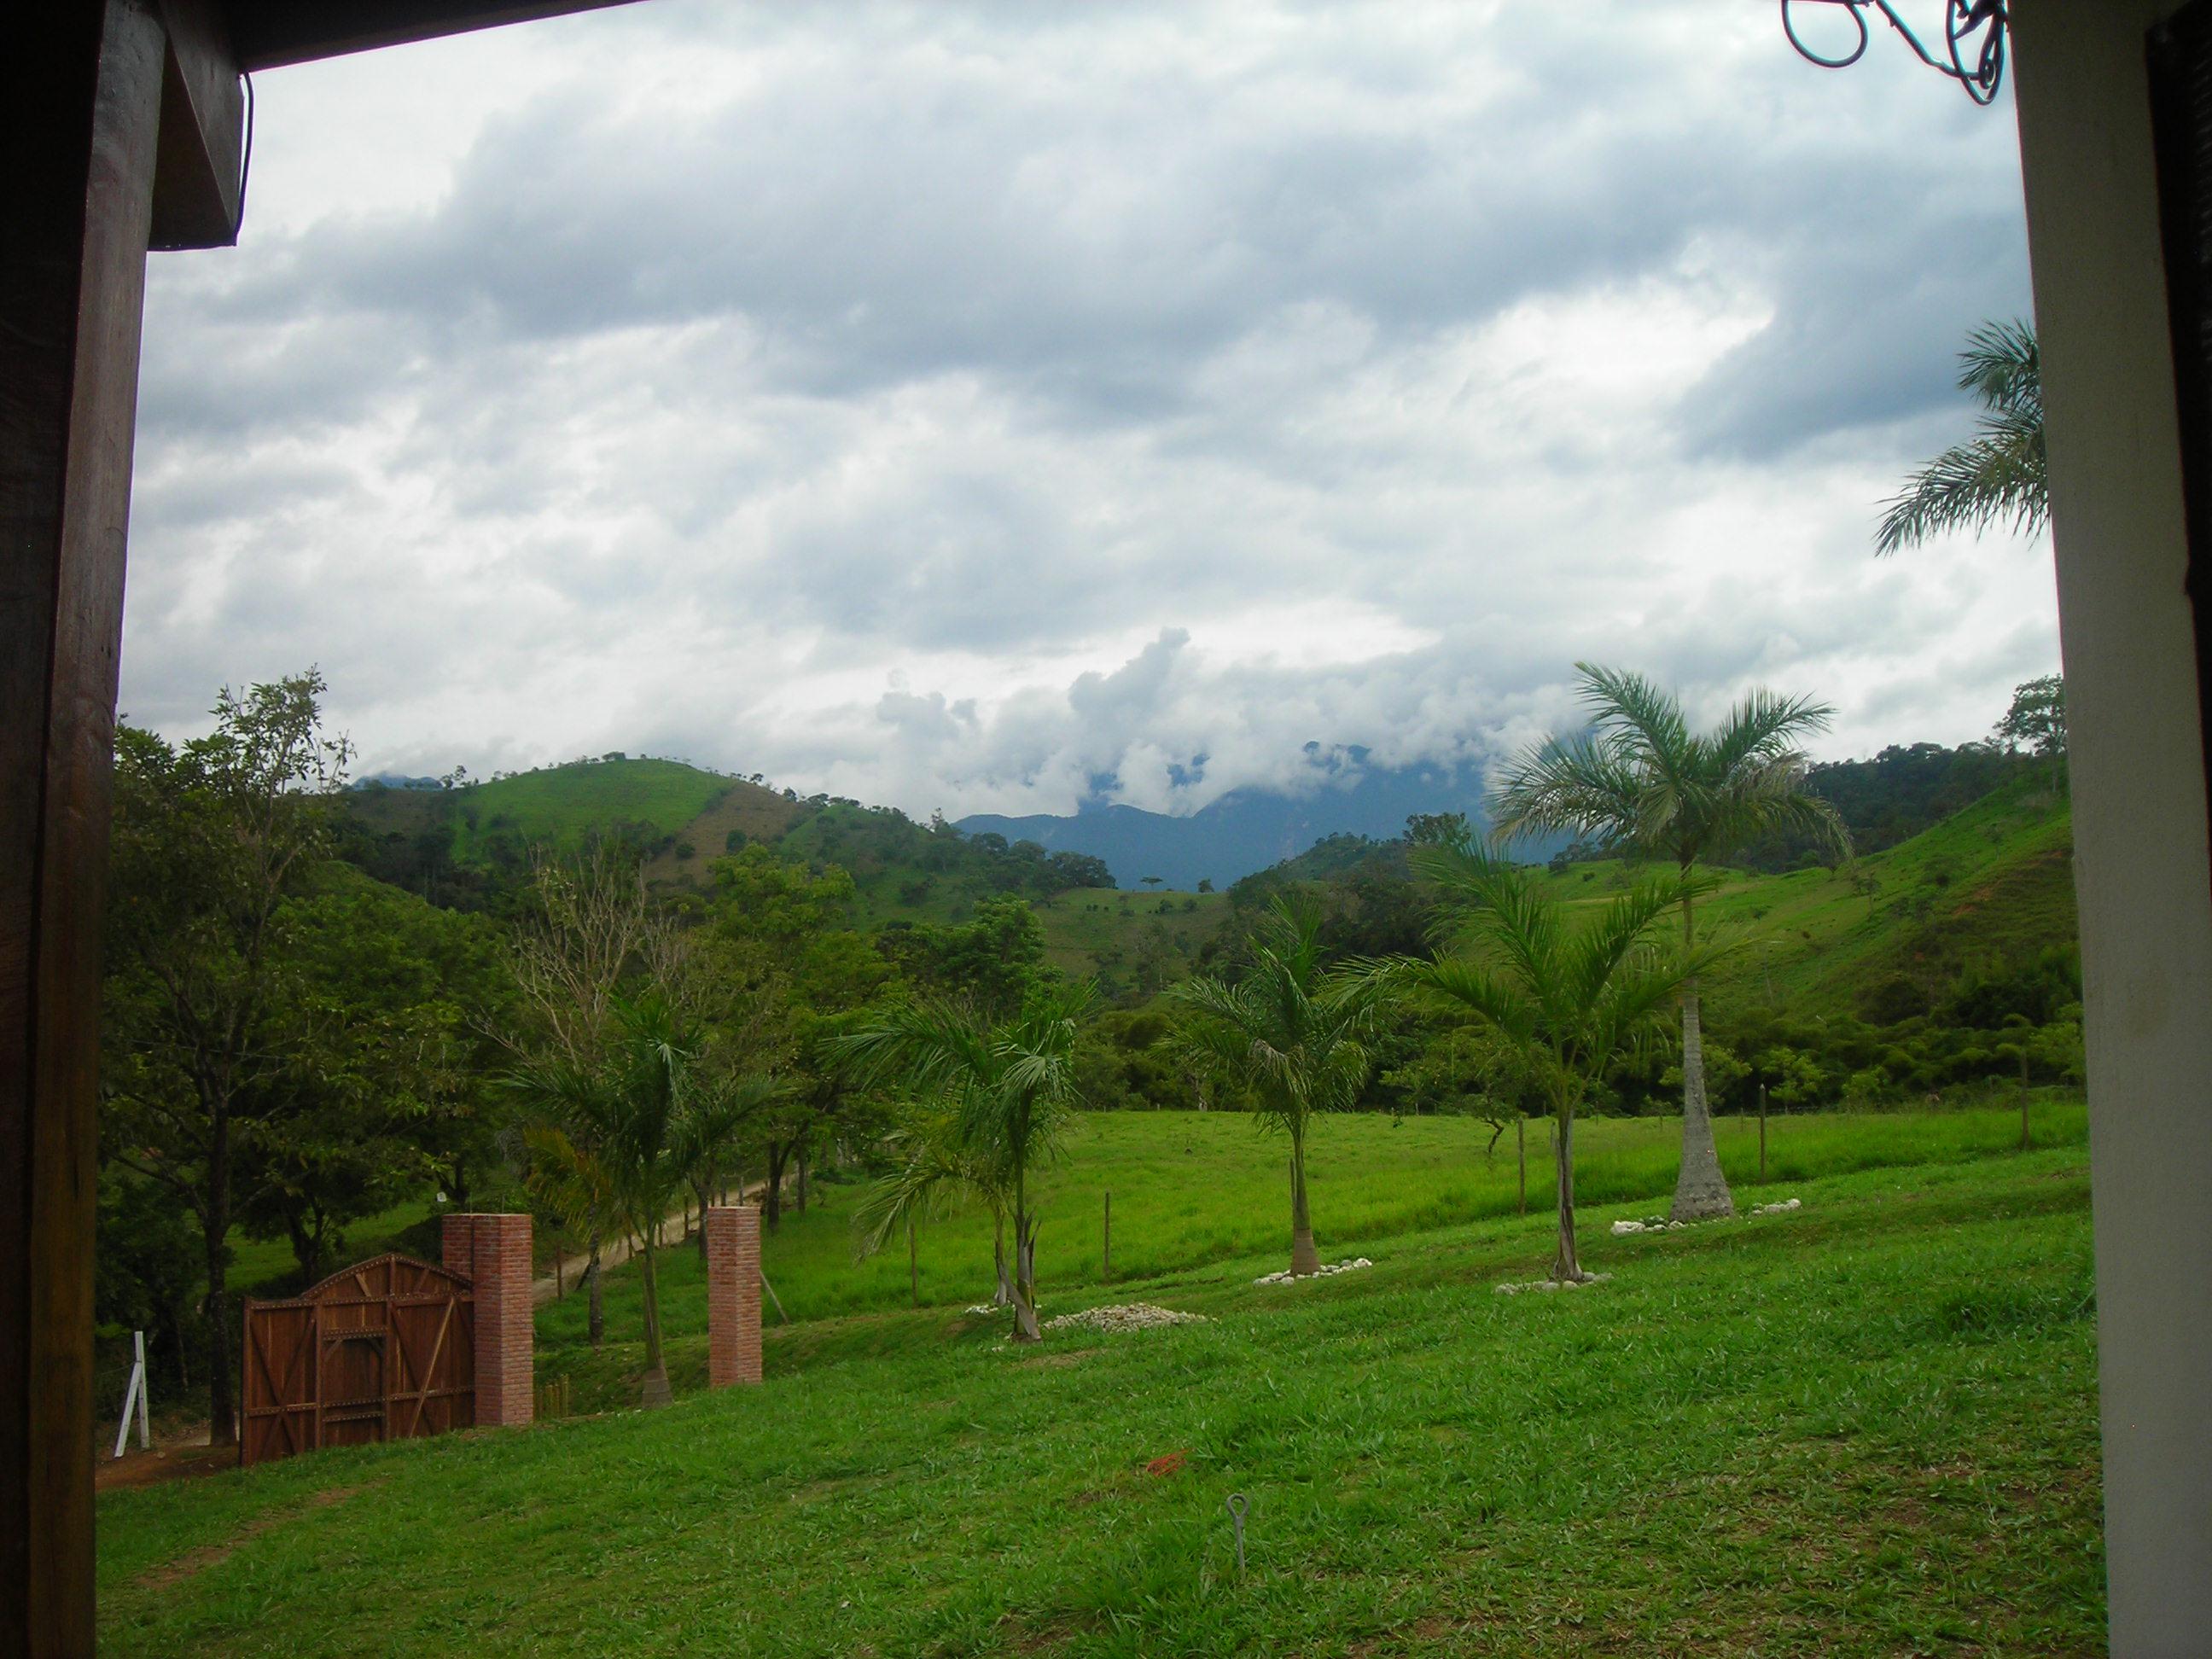 My family's farm in hills of Medellin